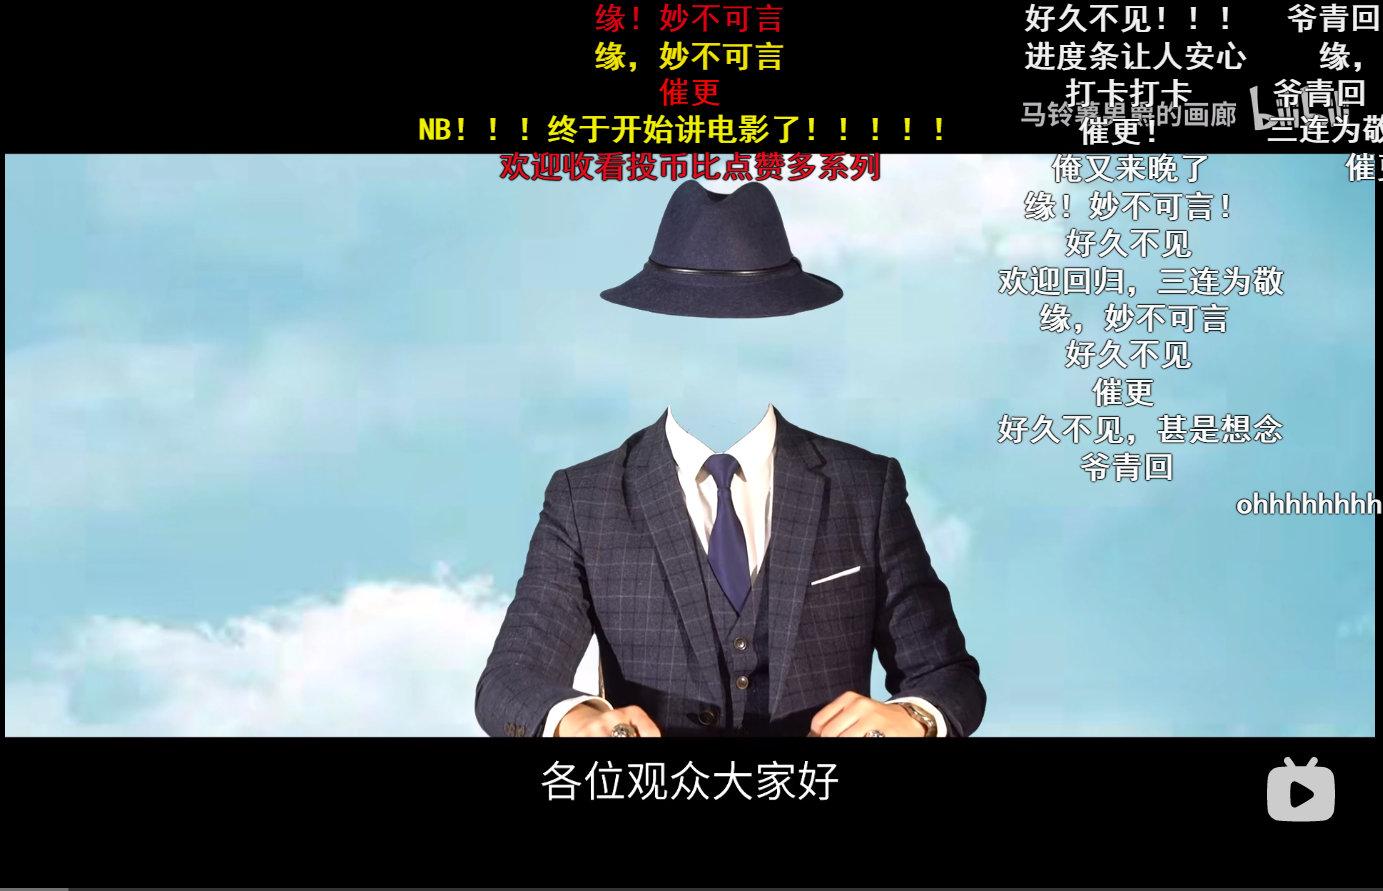 《瞎看什么》变身《男爵放映厅》回归了-bilibili-『游乐宫』Youlegong.com